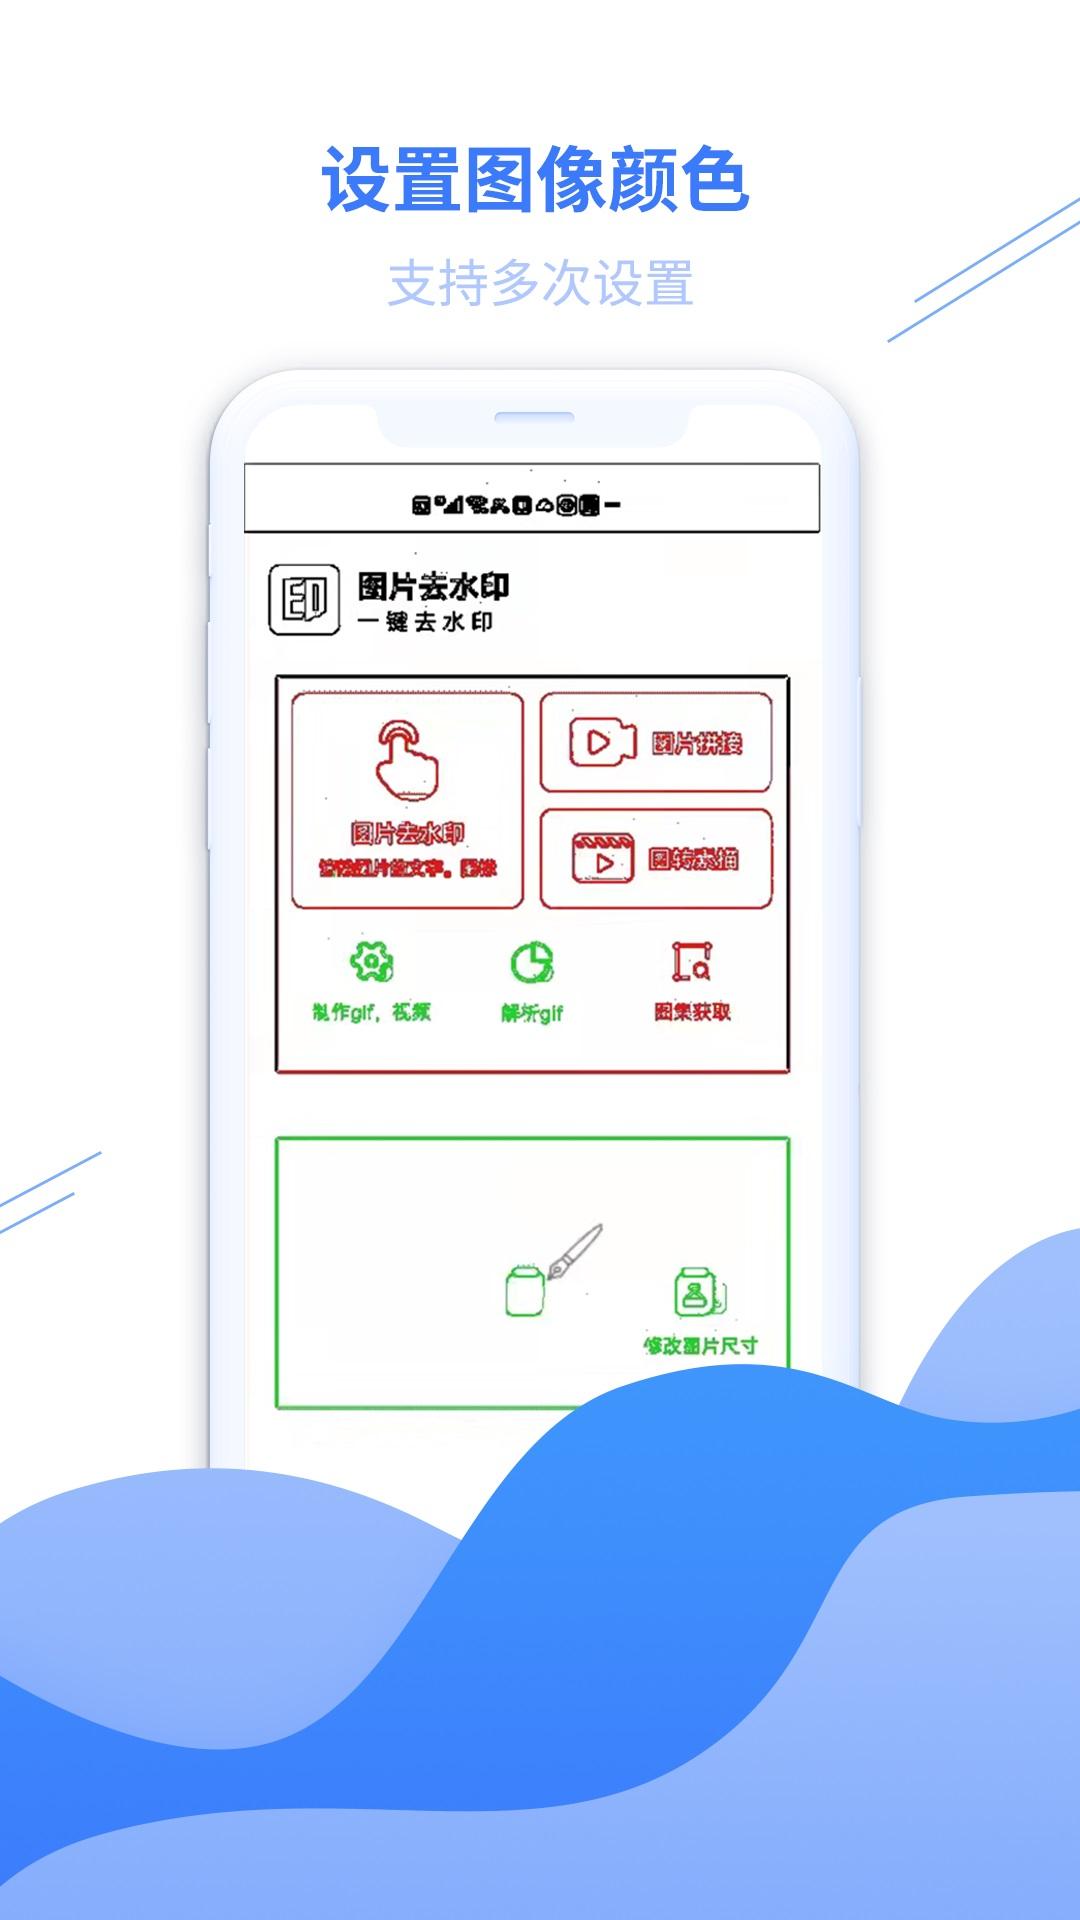 图片去水印黄豆人app免费版图4: